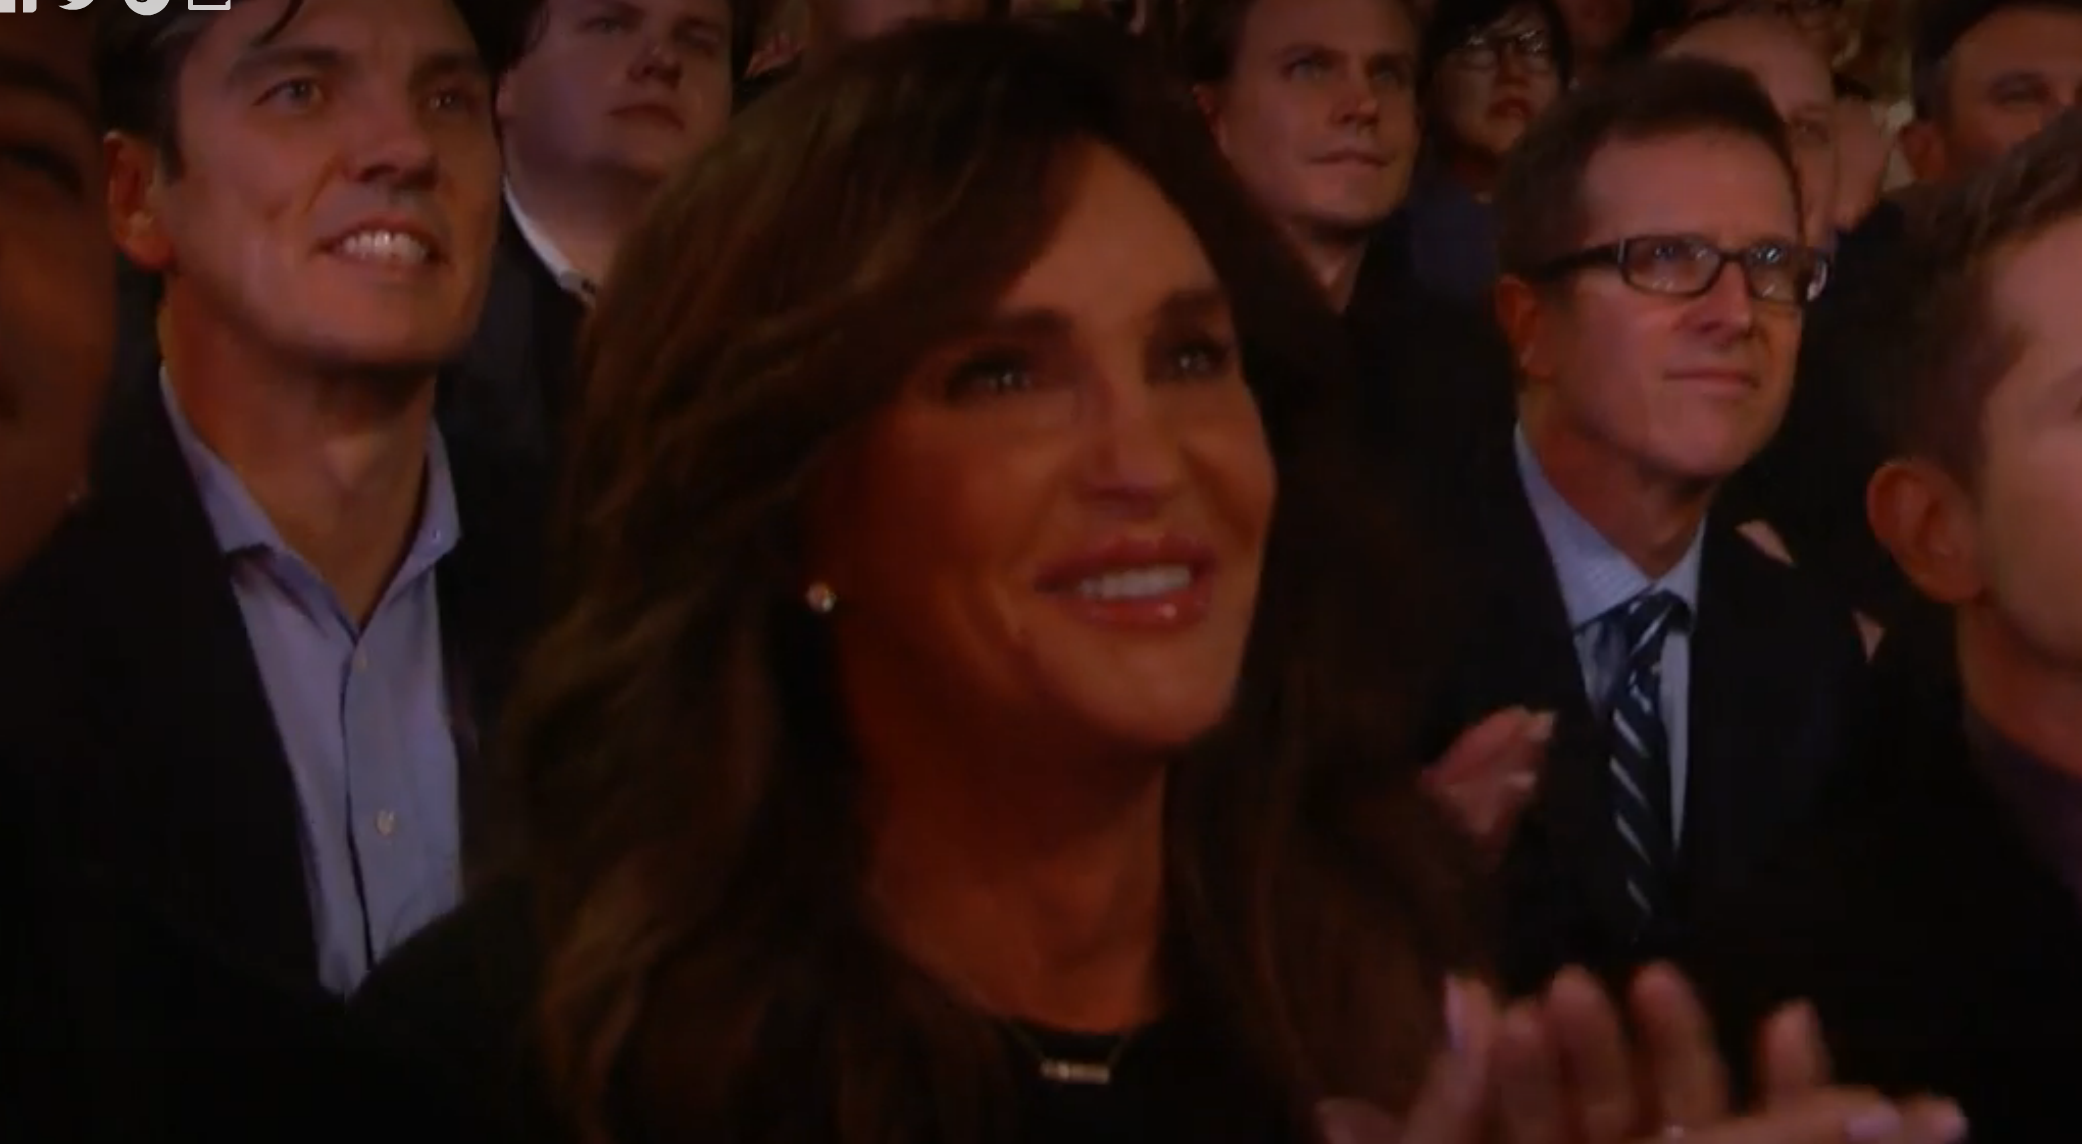 Kamerateamet har så klart koll på Caitlyn Jenners reaktion i publiken.